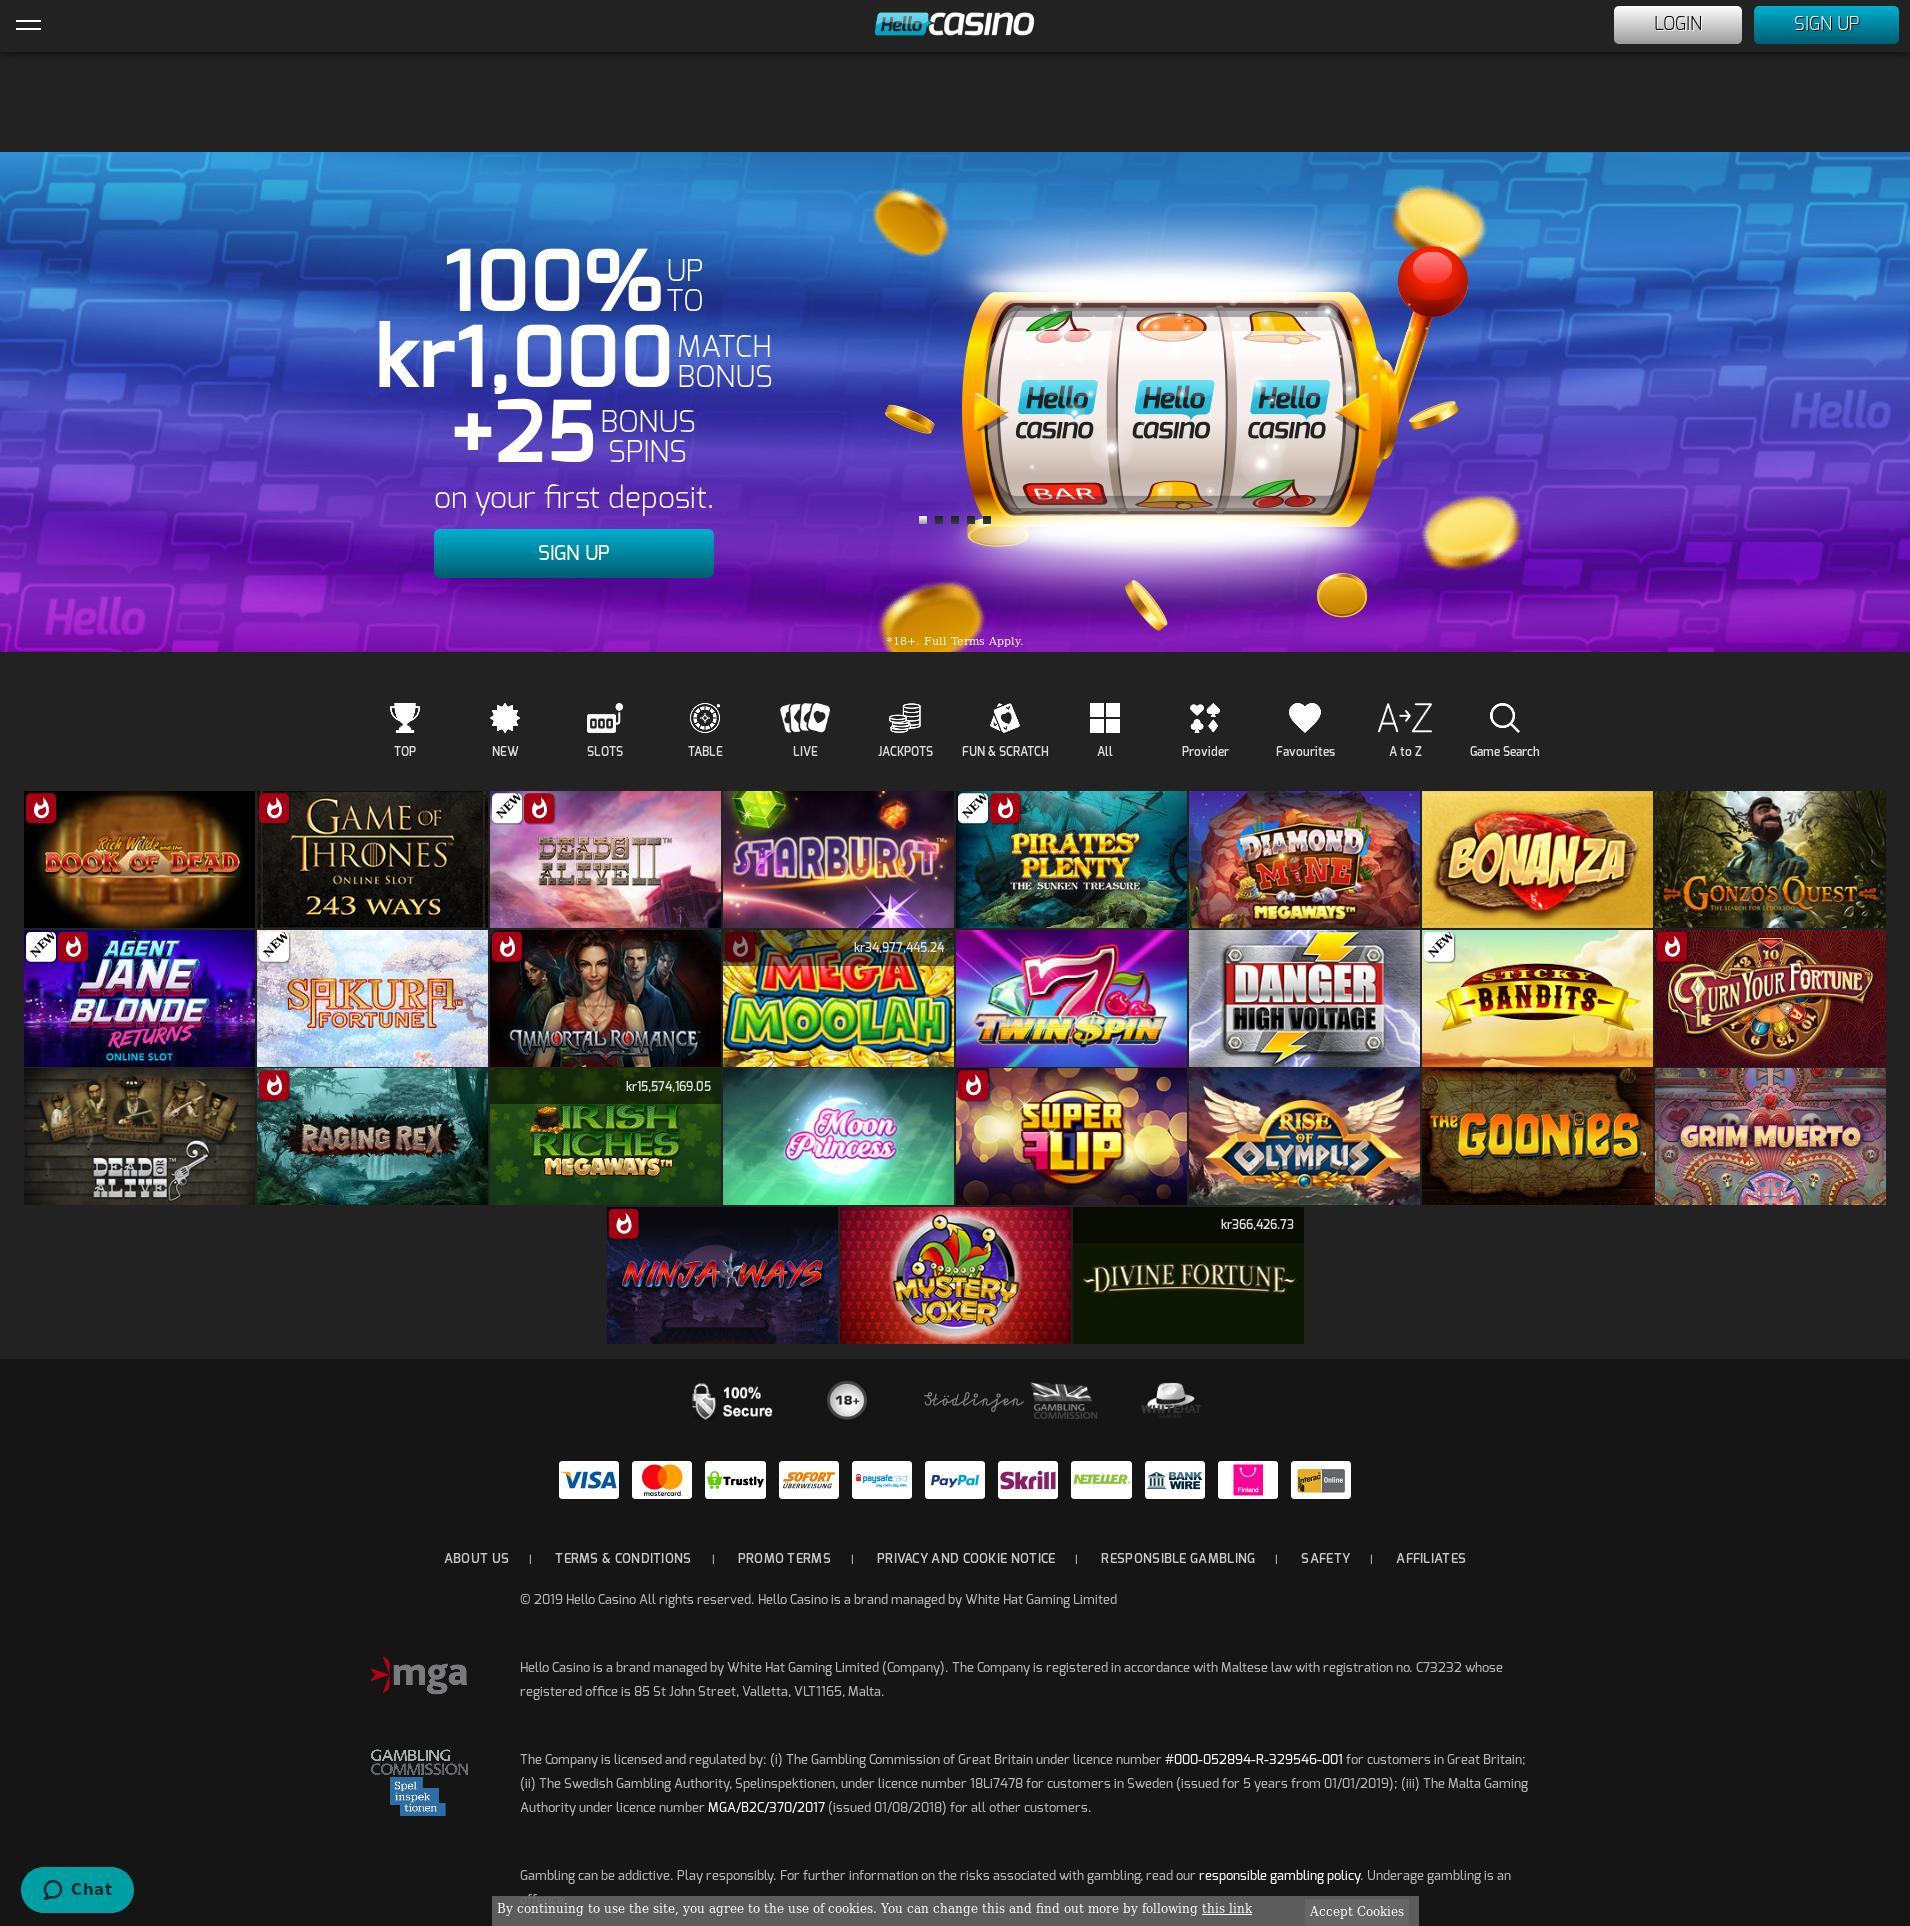 Casino skärm Lobby 2019-07-19 för Sverige